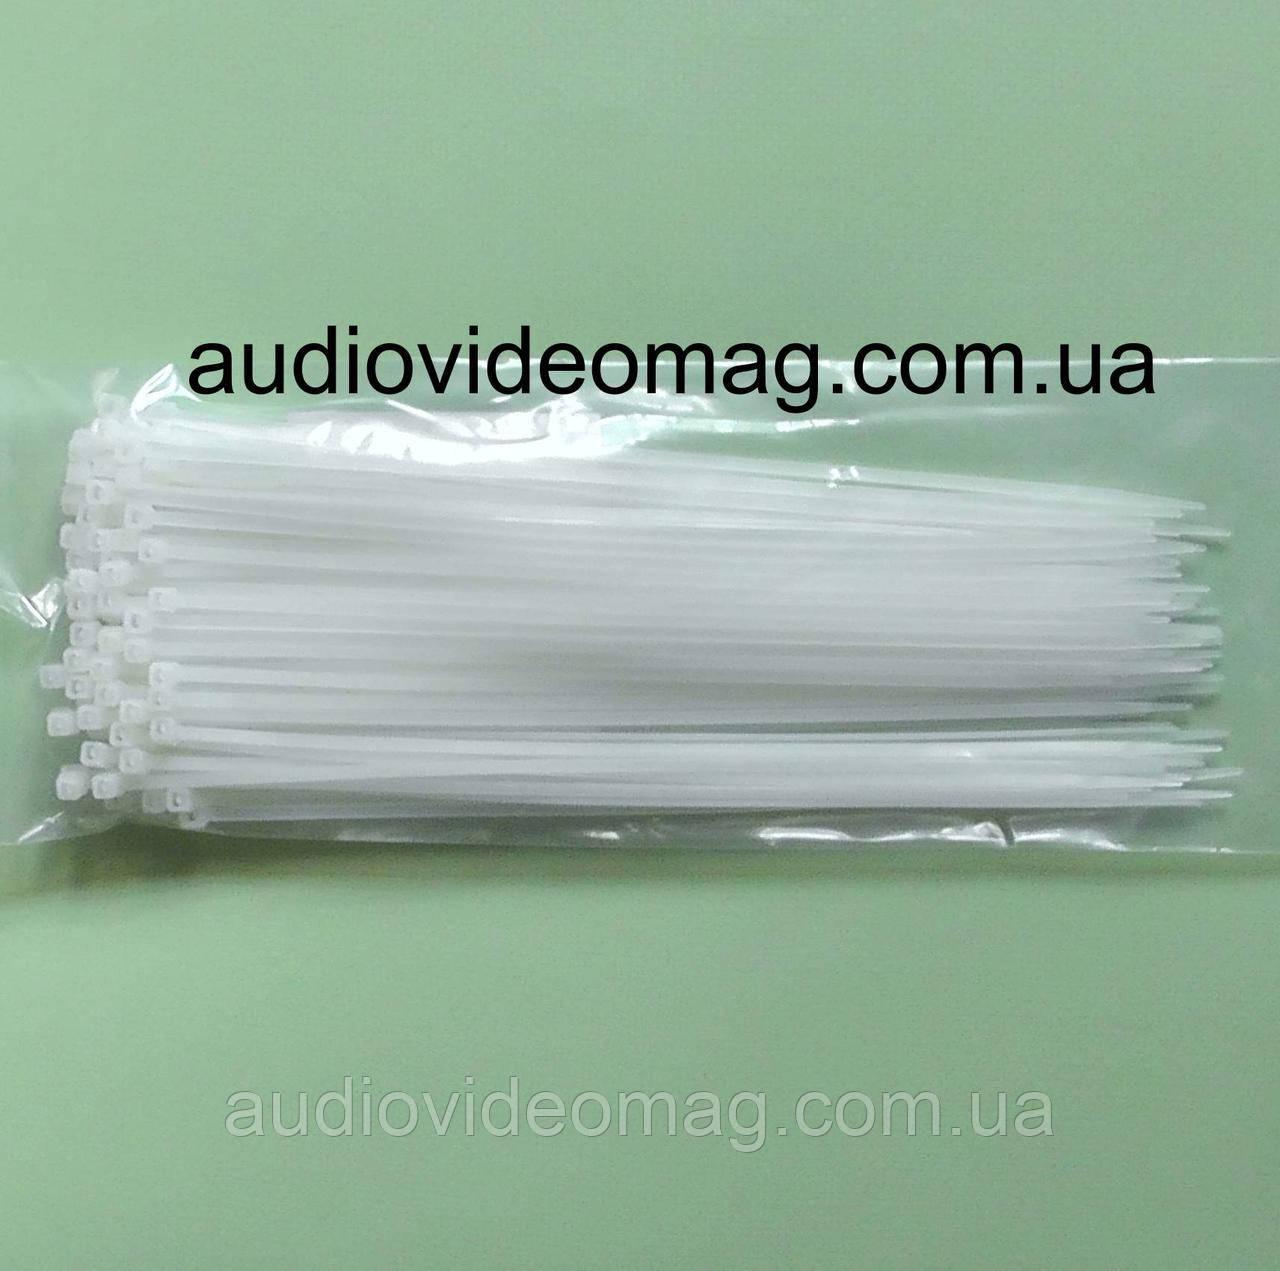 Стяжка кабельная 2,5 х 200 мм белая, цена за упаковку (100 штук)